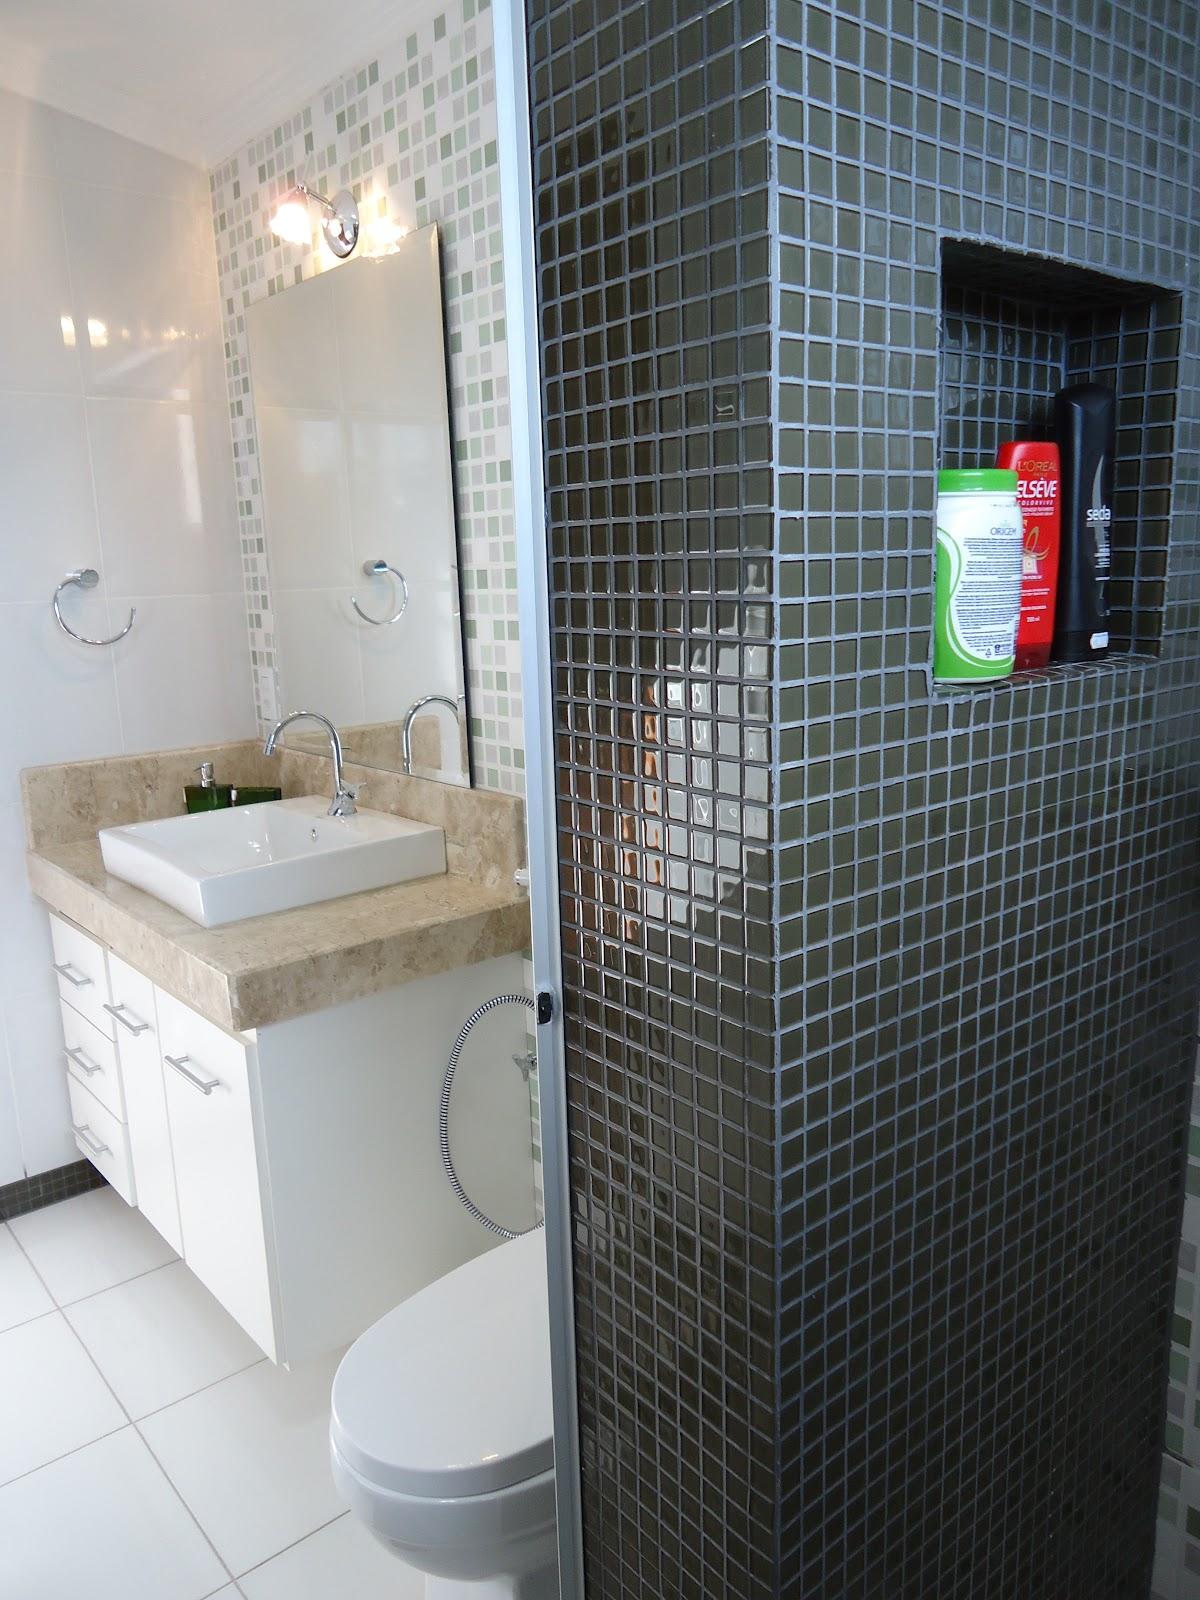 parede revestida com pastilhas cerâmicas na cor verde musgo #4F647C 1200x1600 Banheiro Com Pastilha Em Uma Parede